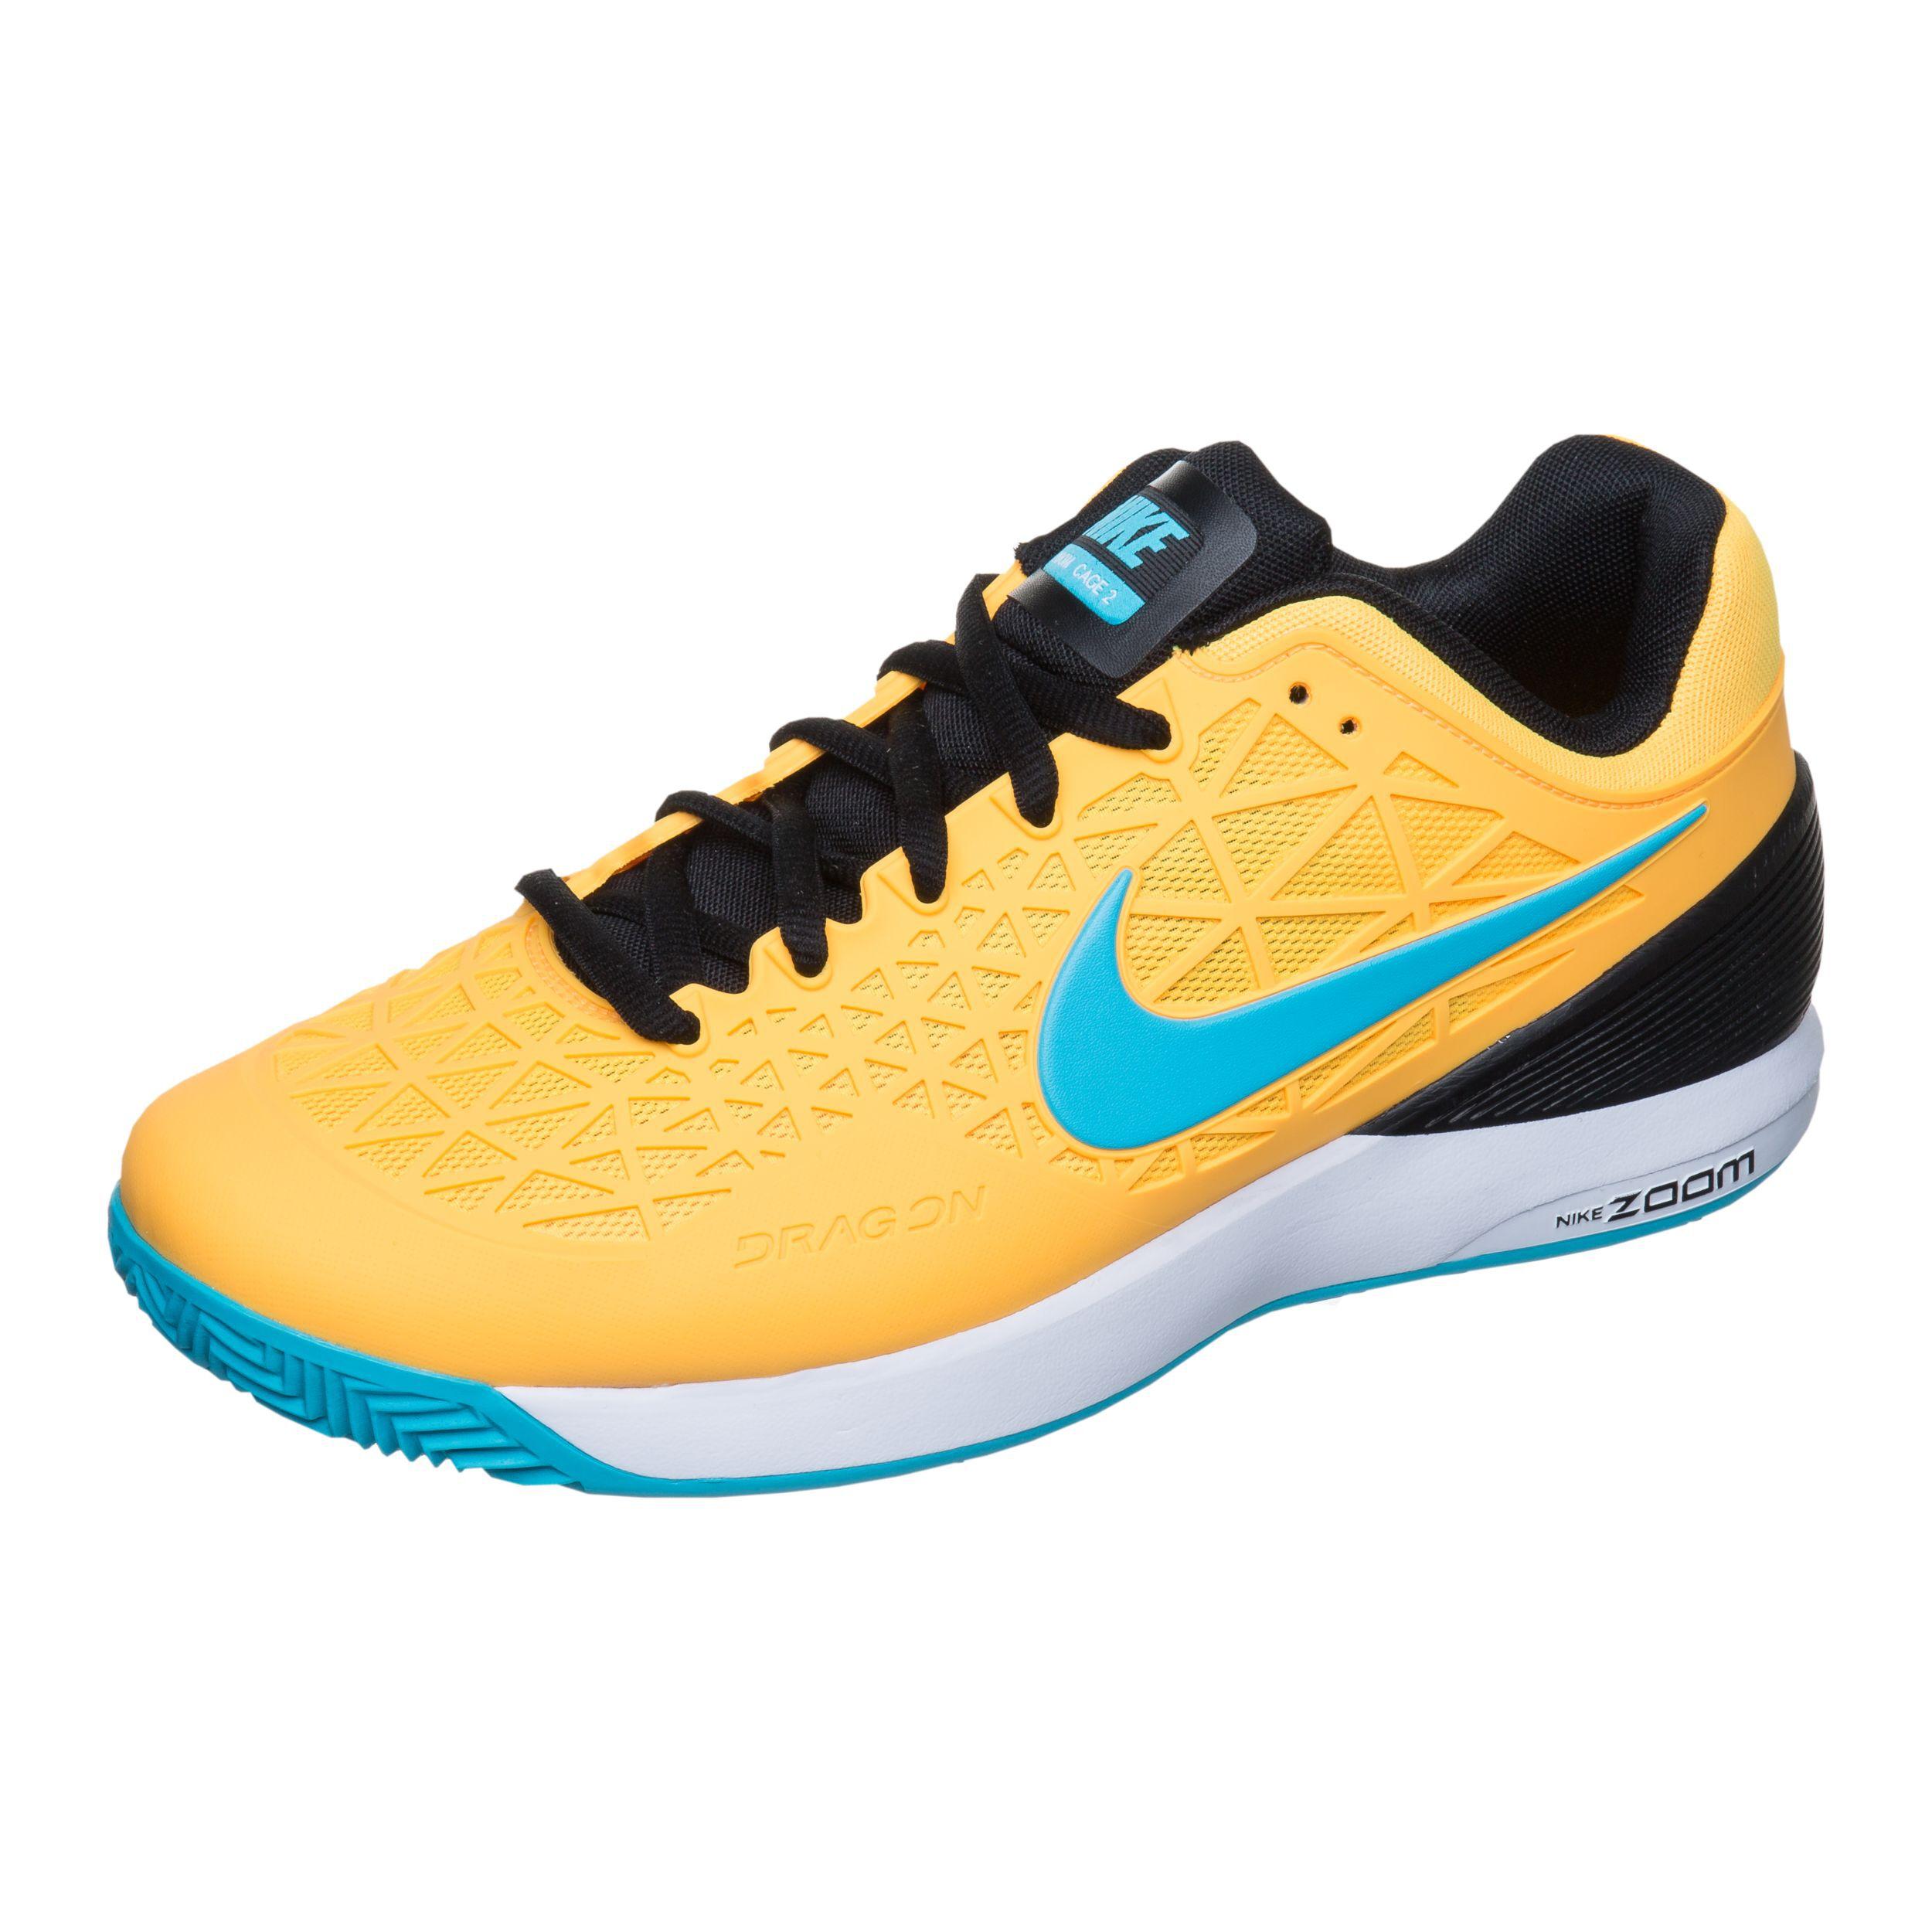 Nike Zoom Cage 2 Clay Zapatilla Tierra Batida Hombres